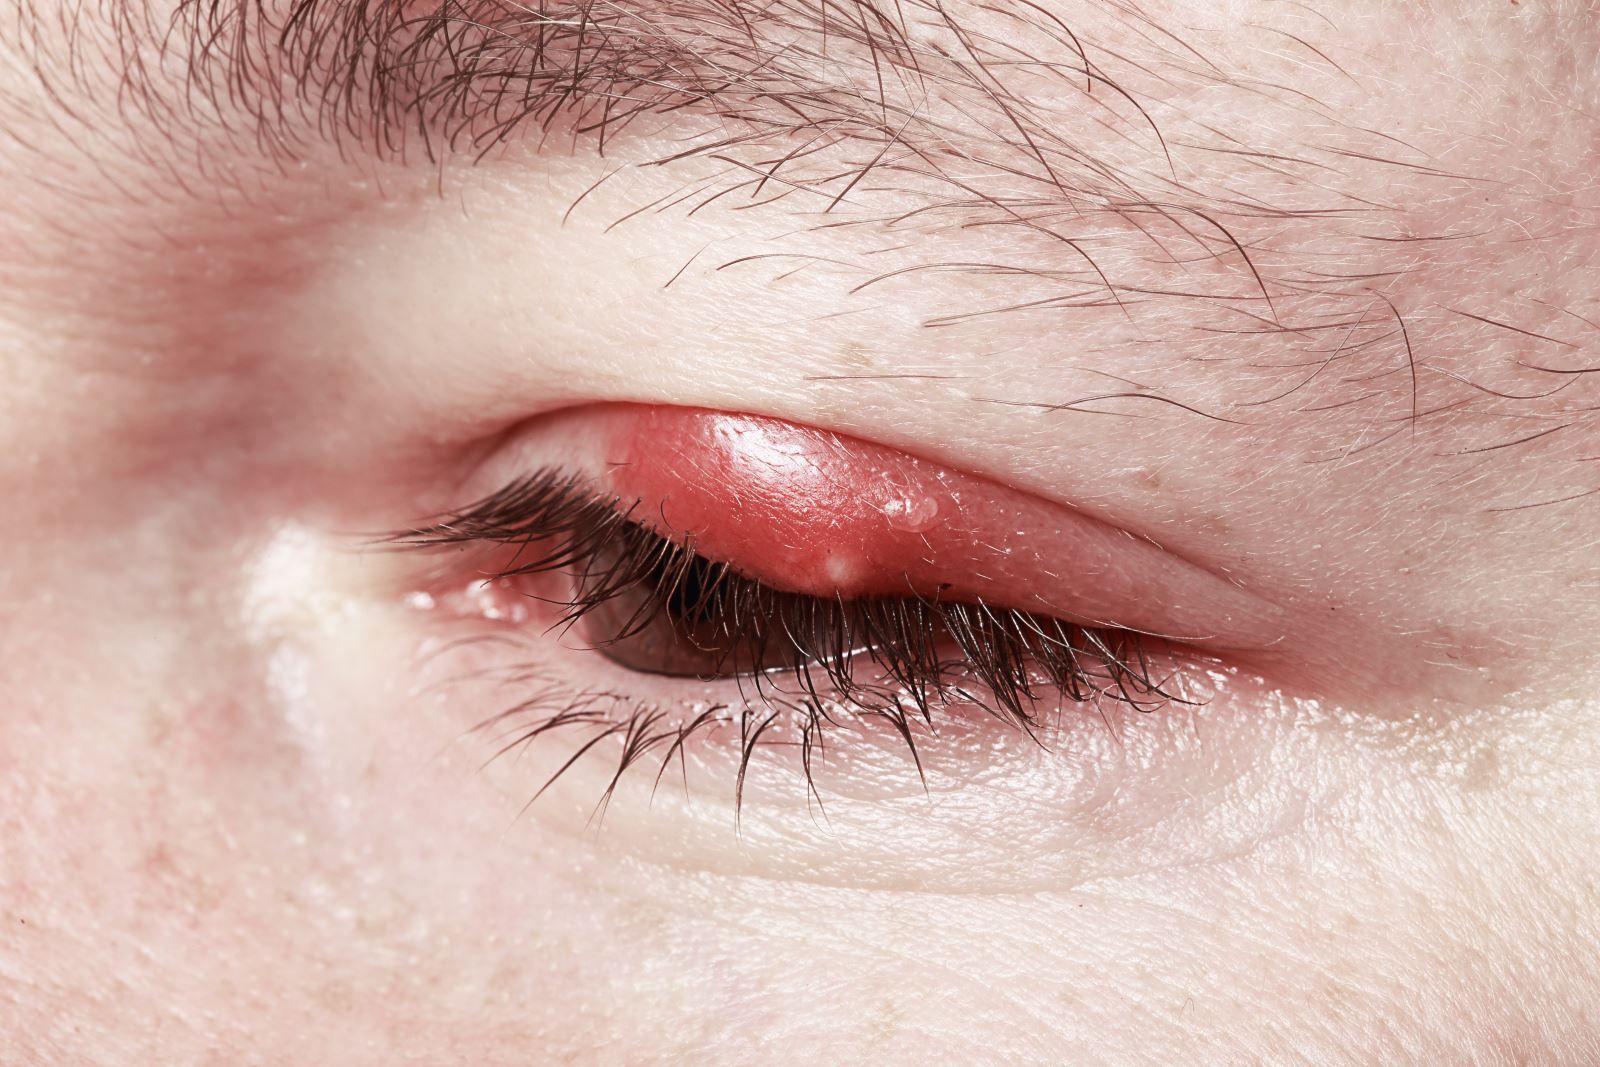 Инструкция по лечению бельмо в глазу